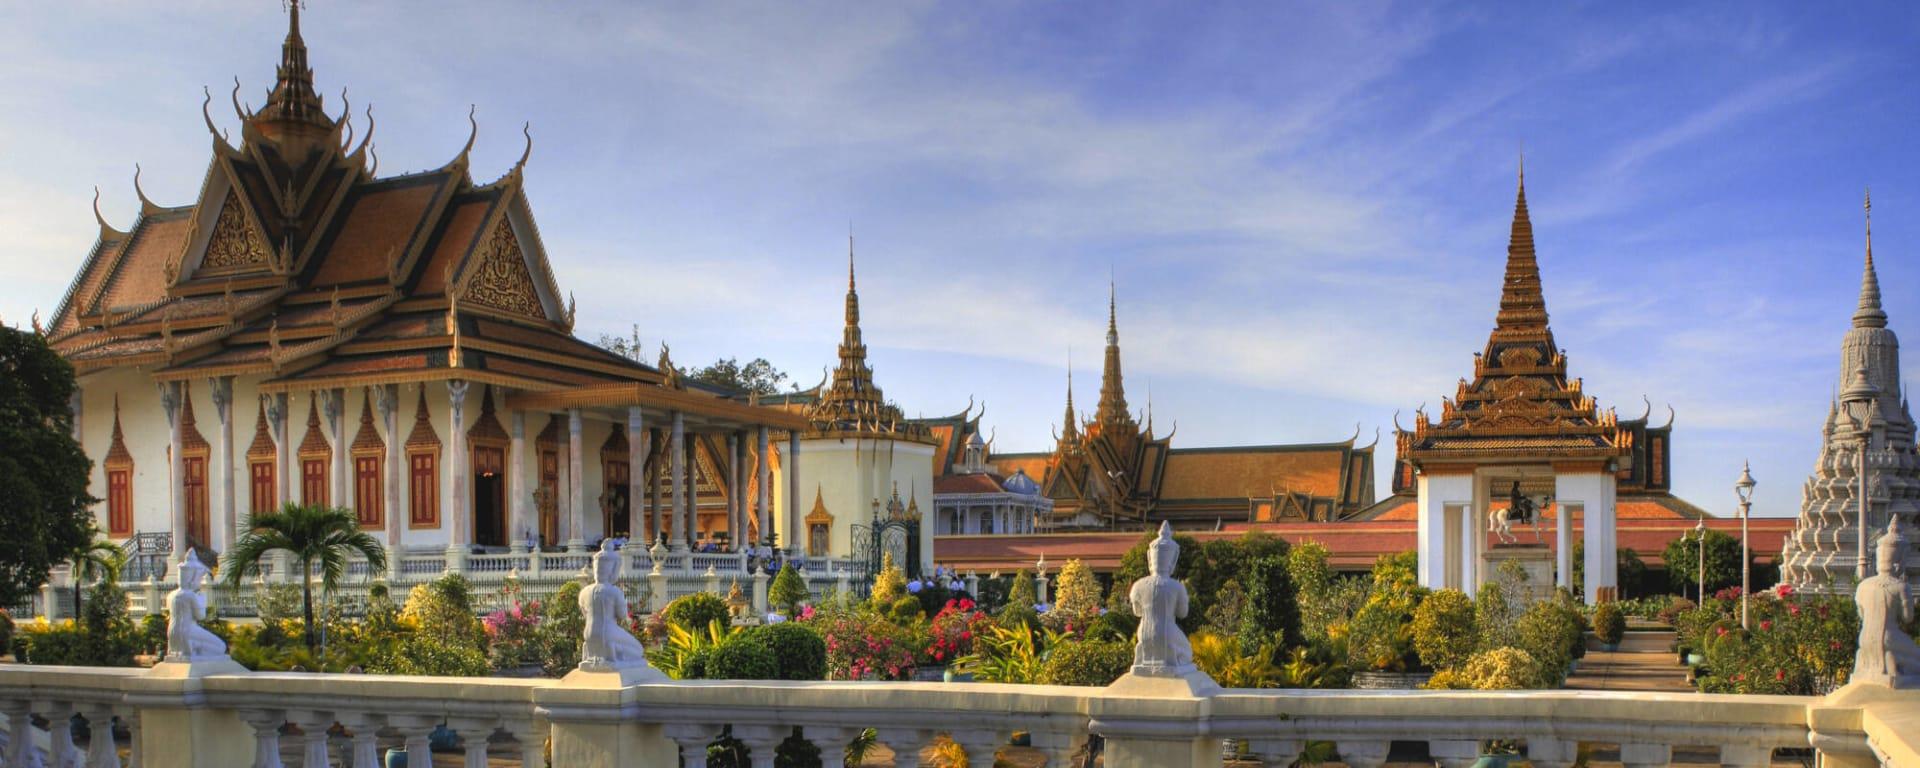 Kambodscha entdecken mit Tischler Reisen: Kambodscha Phnom Penh Koeniglicher Palast